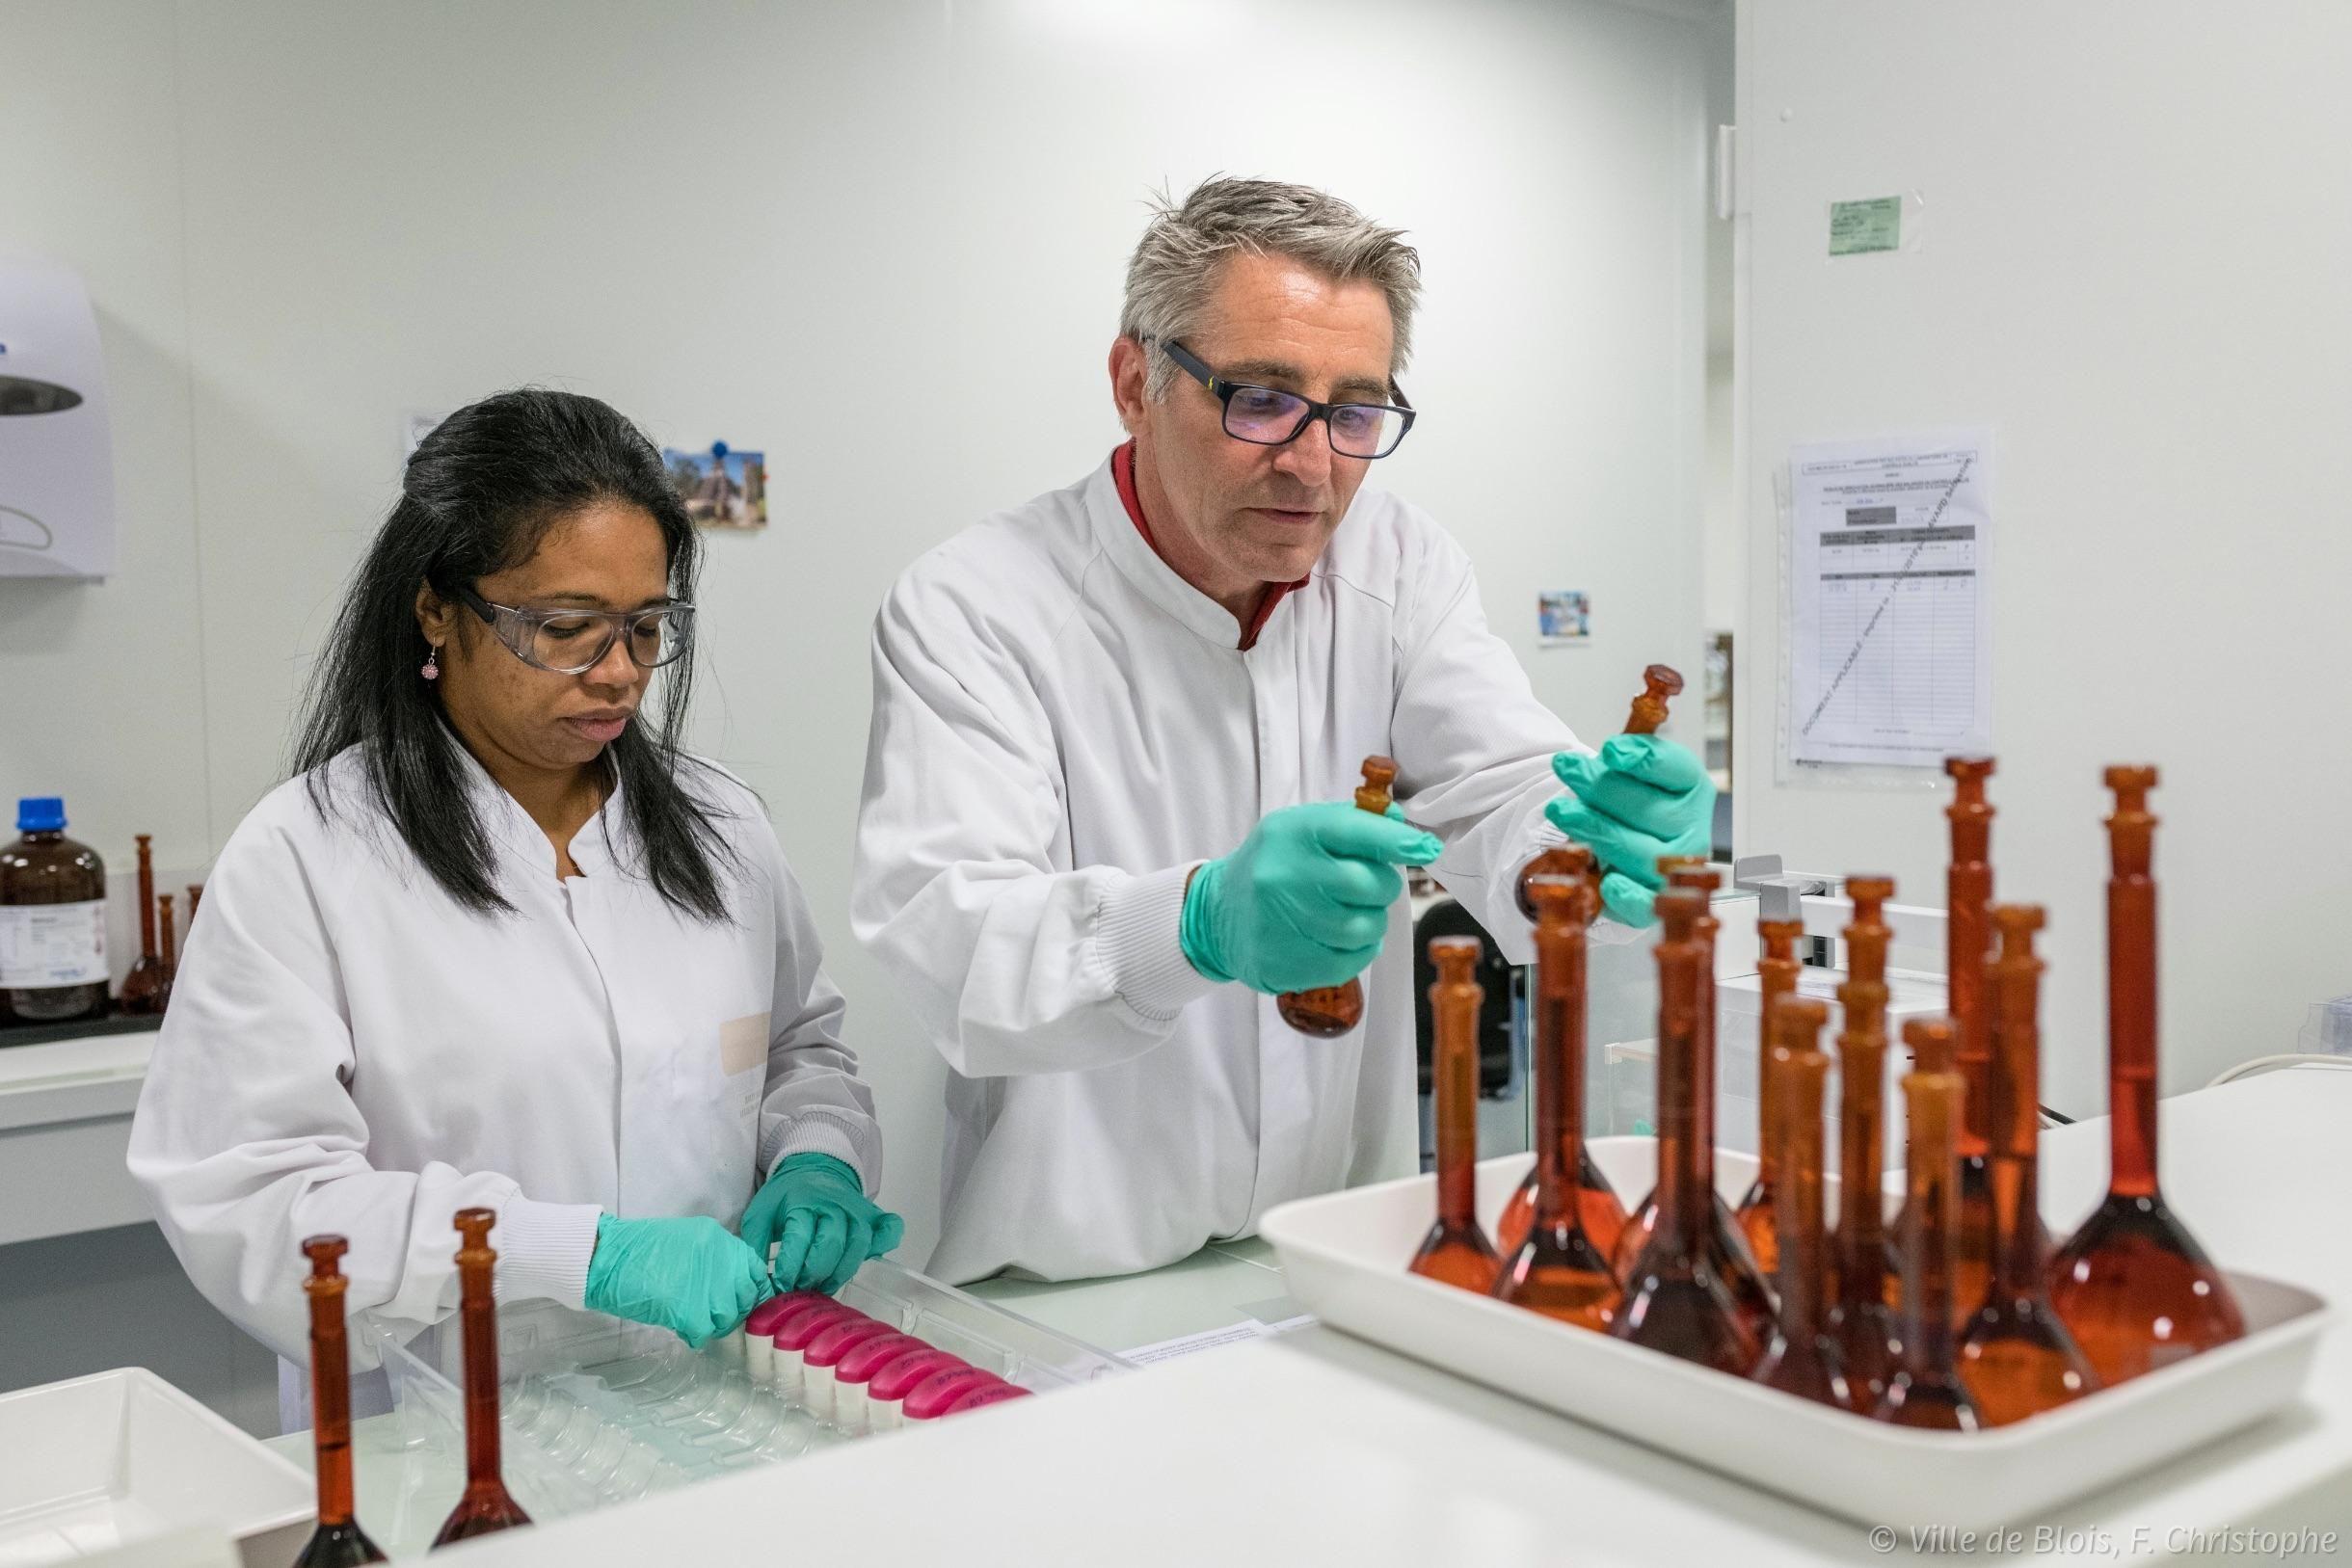 Une femme et un homme travaillent autour de fioles pour l'entreprise pharmaceutique Chiesi.